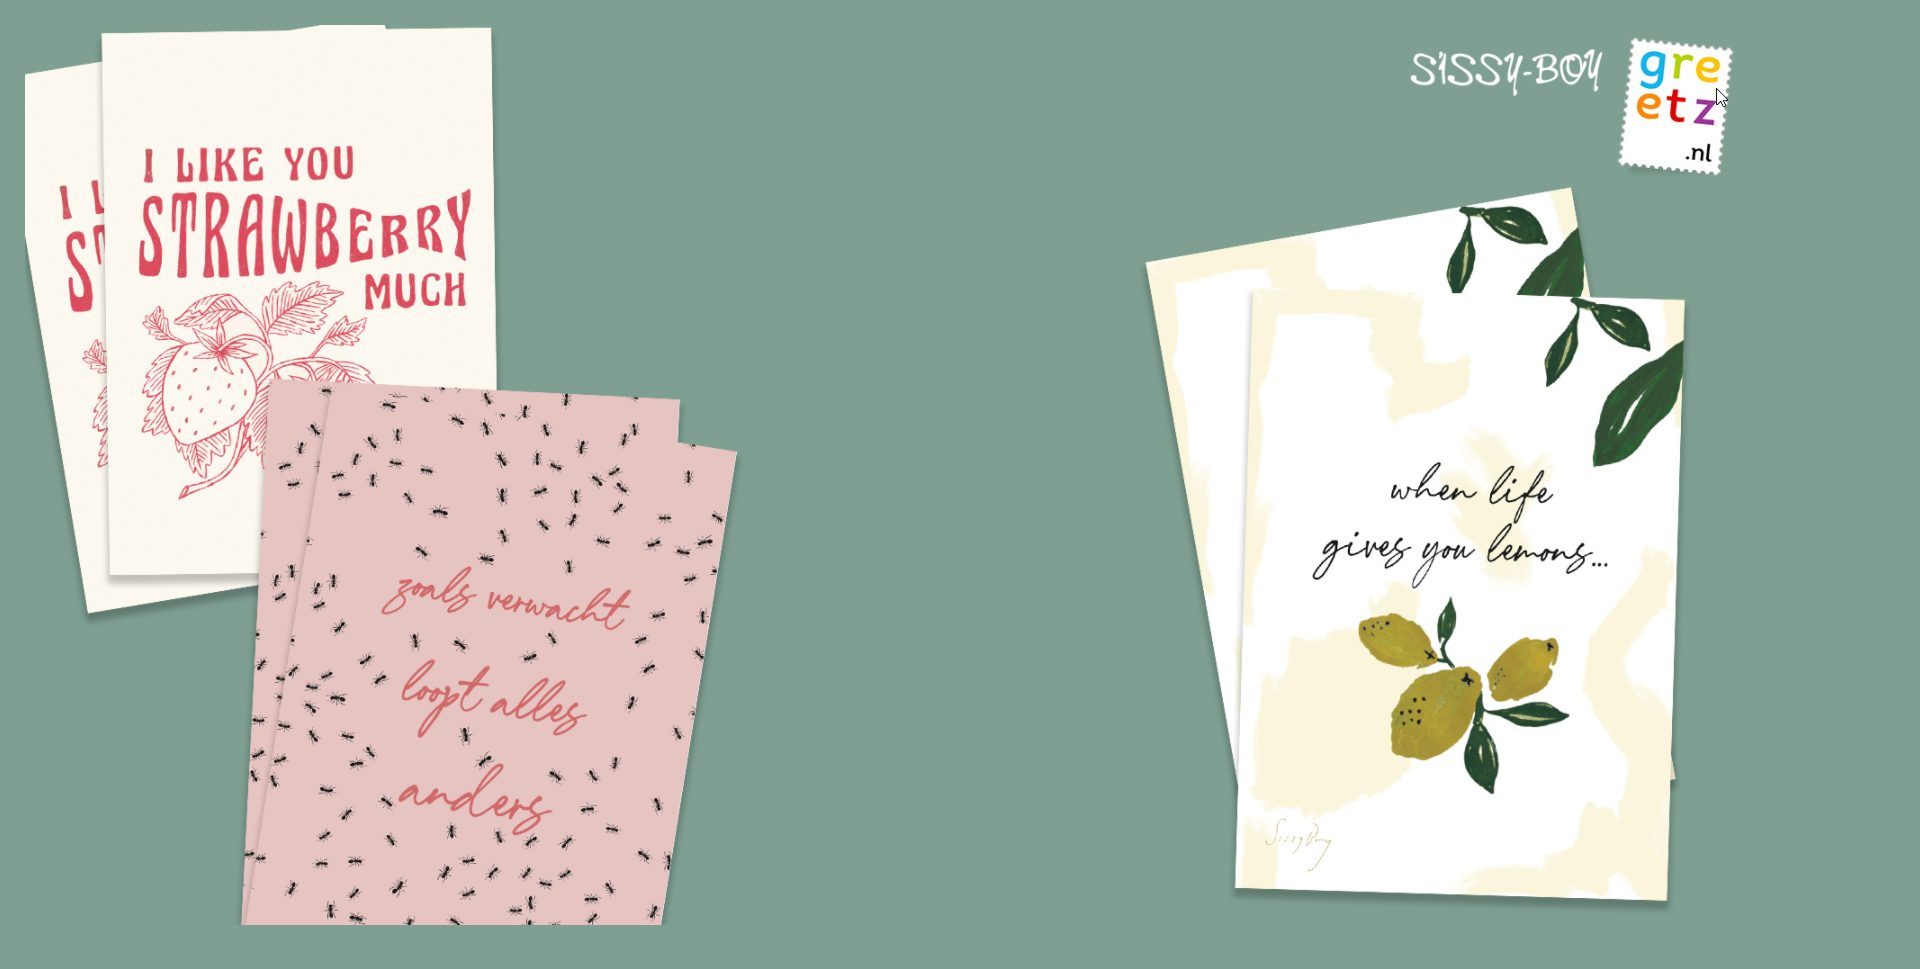 Gratis Greetz kaart bij aanmelding van de Sissy-boy nieuwsbrief